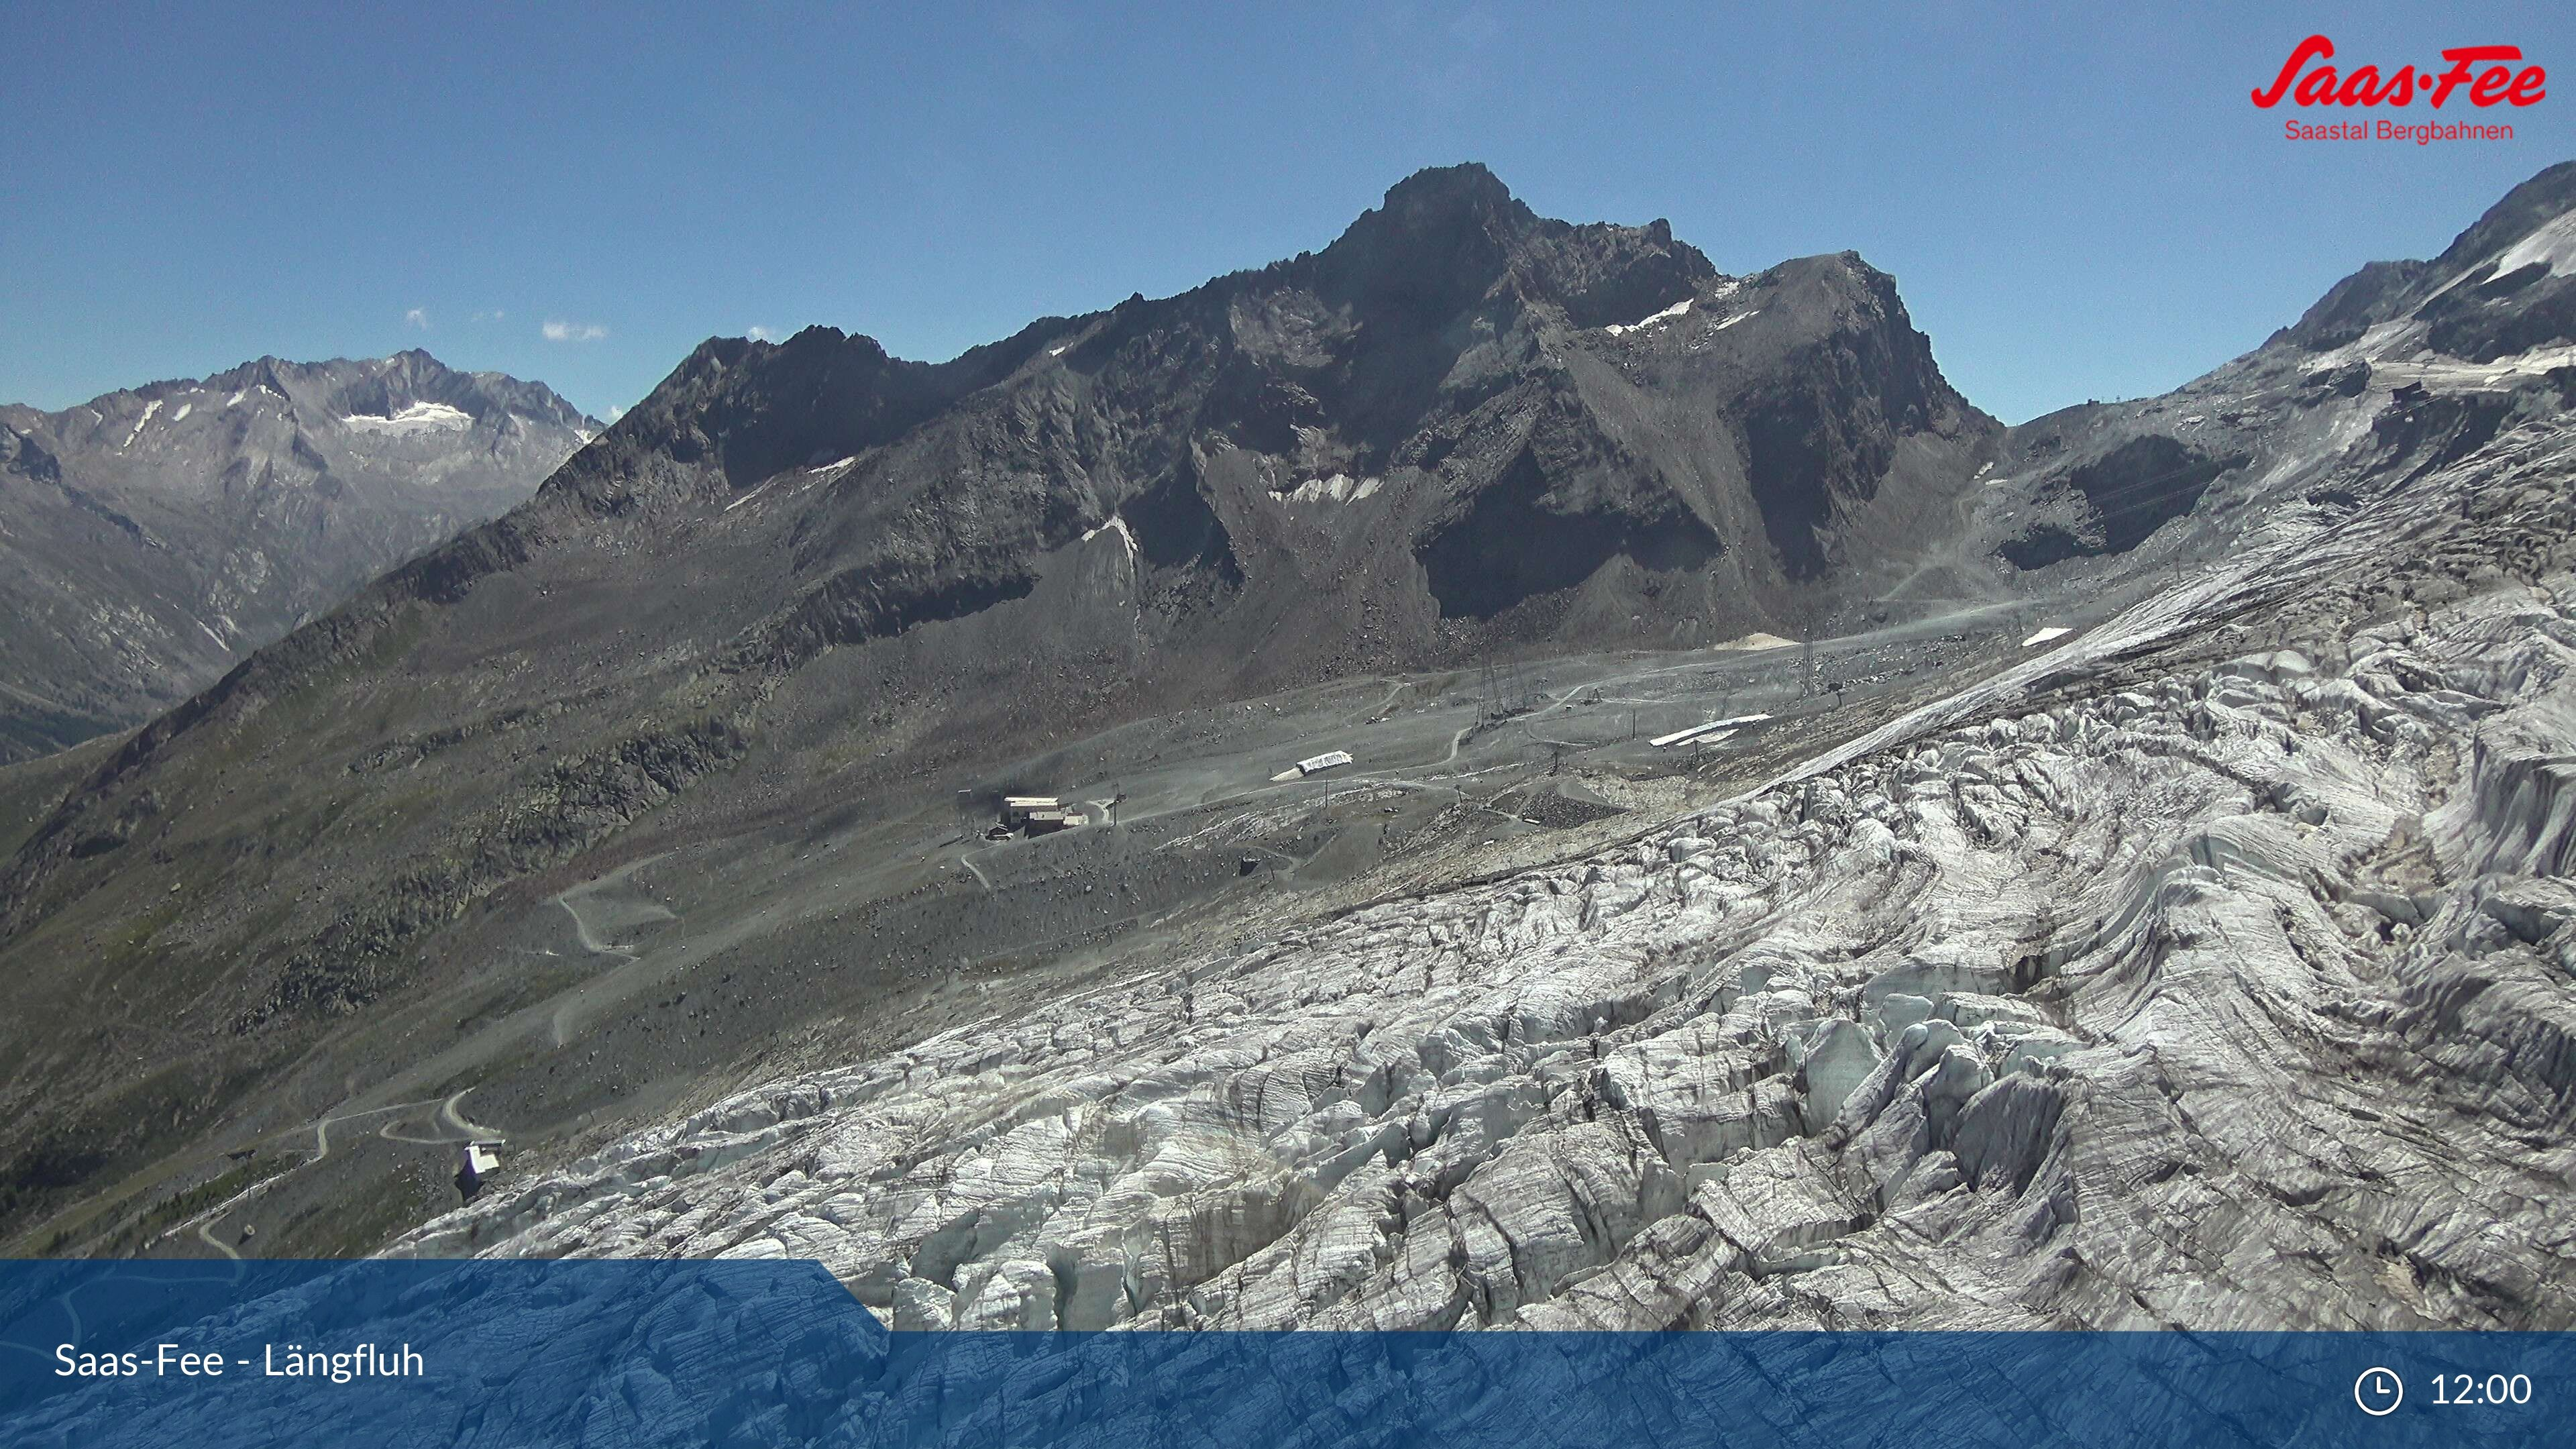 Saas-Fee: Längfluh Berg